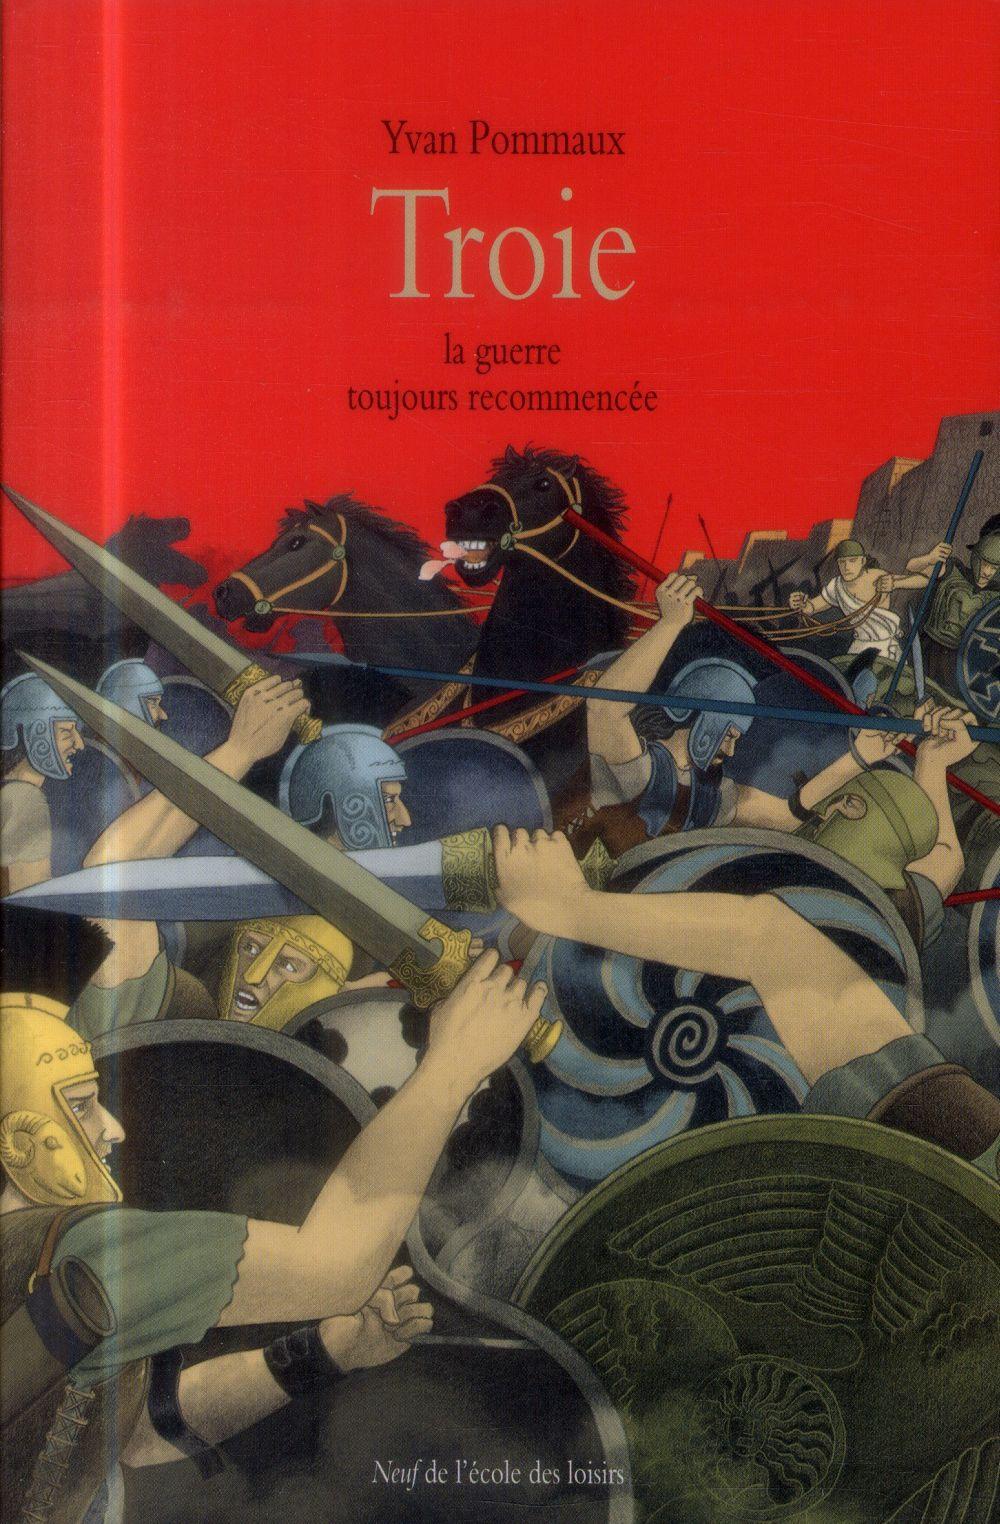 Troie, La Guerre Toujours Recommencee